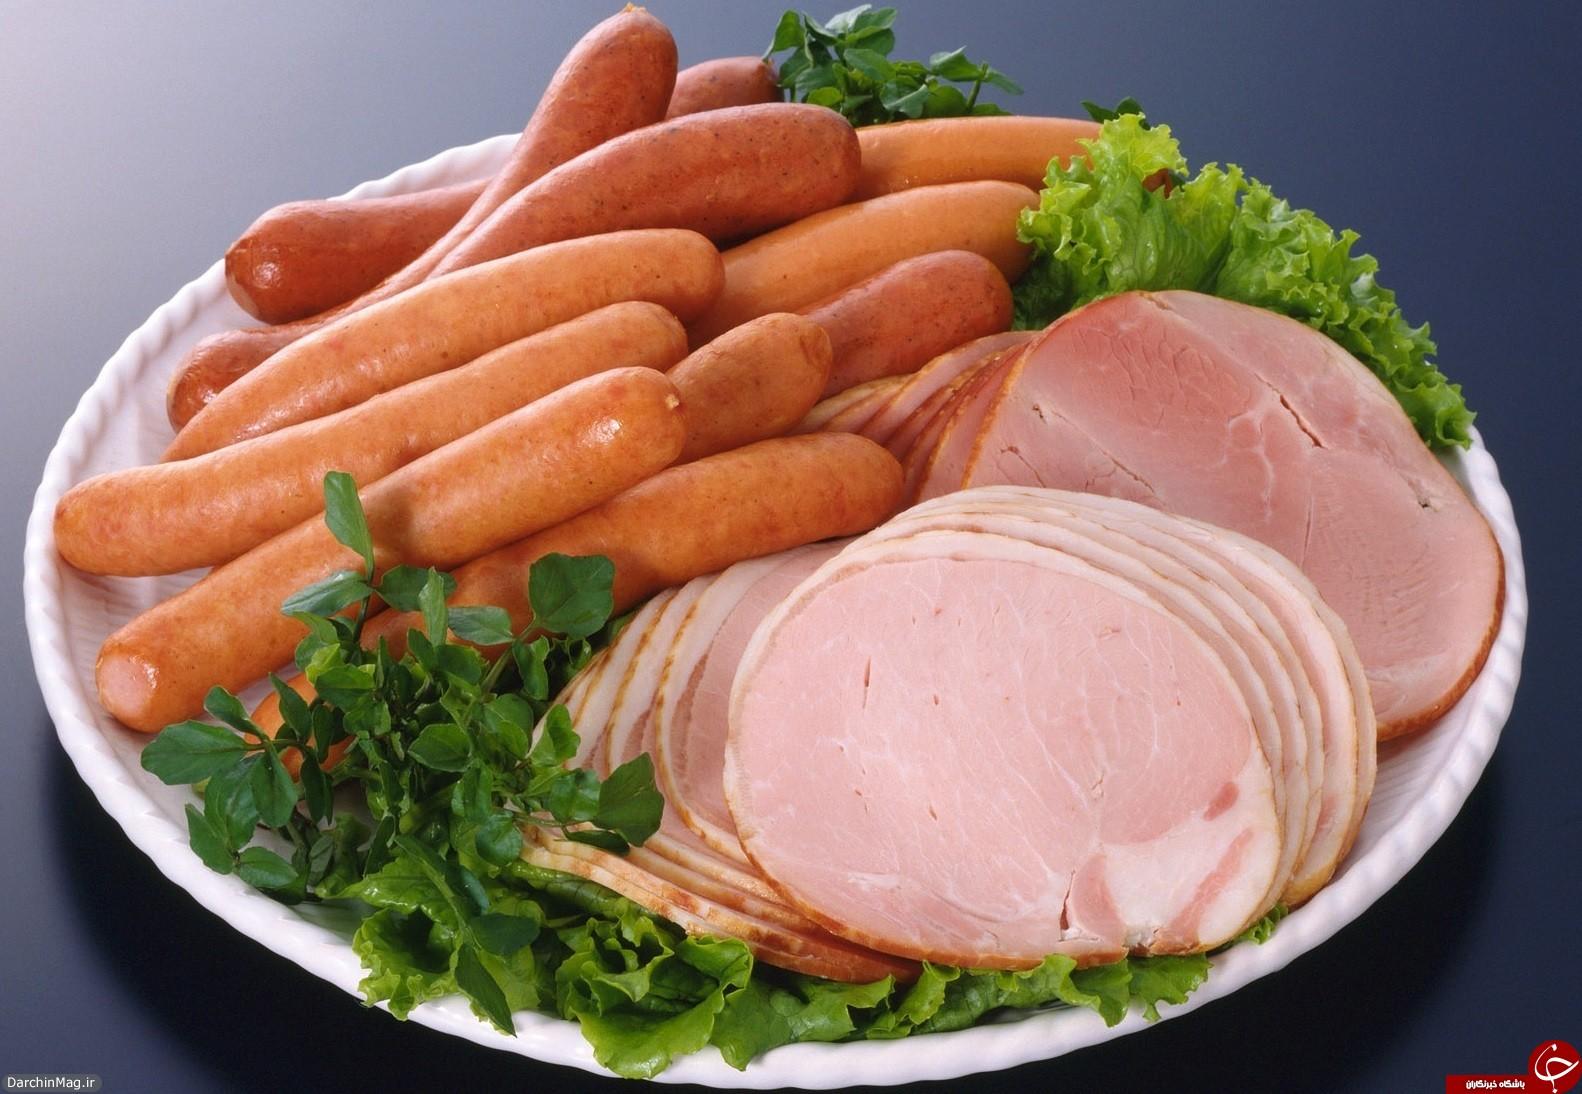 با خوردن این موادغذایی  خنگ می شوید/مراقب موادغذایی که خنگ کننده مغزتان اند باشید +تصاویر